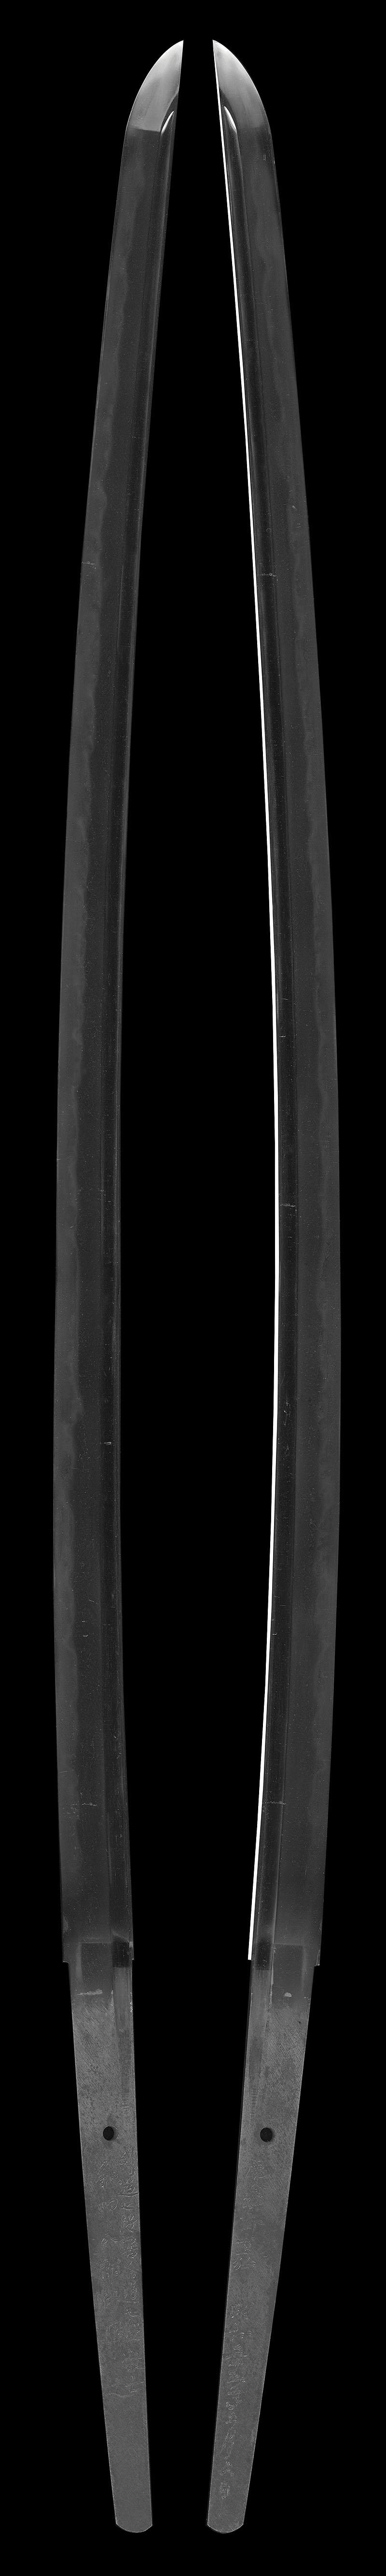 刀 剣道七段居合道七段教士和田八郎所用之  慶雲斎直弘  昭和三十五年手五月六日(柳川昌喜)全体画像